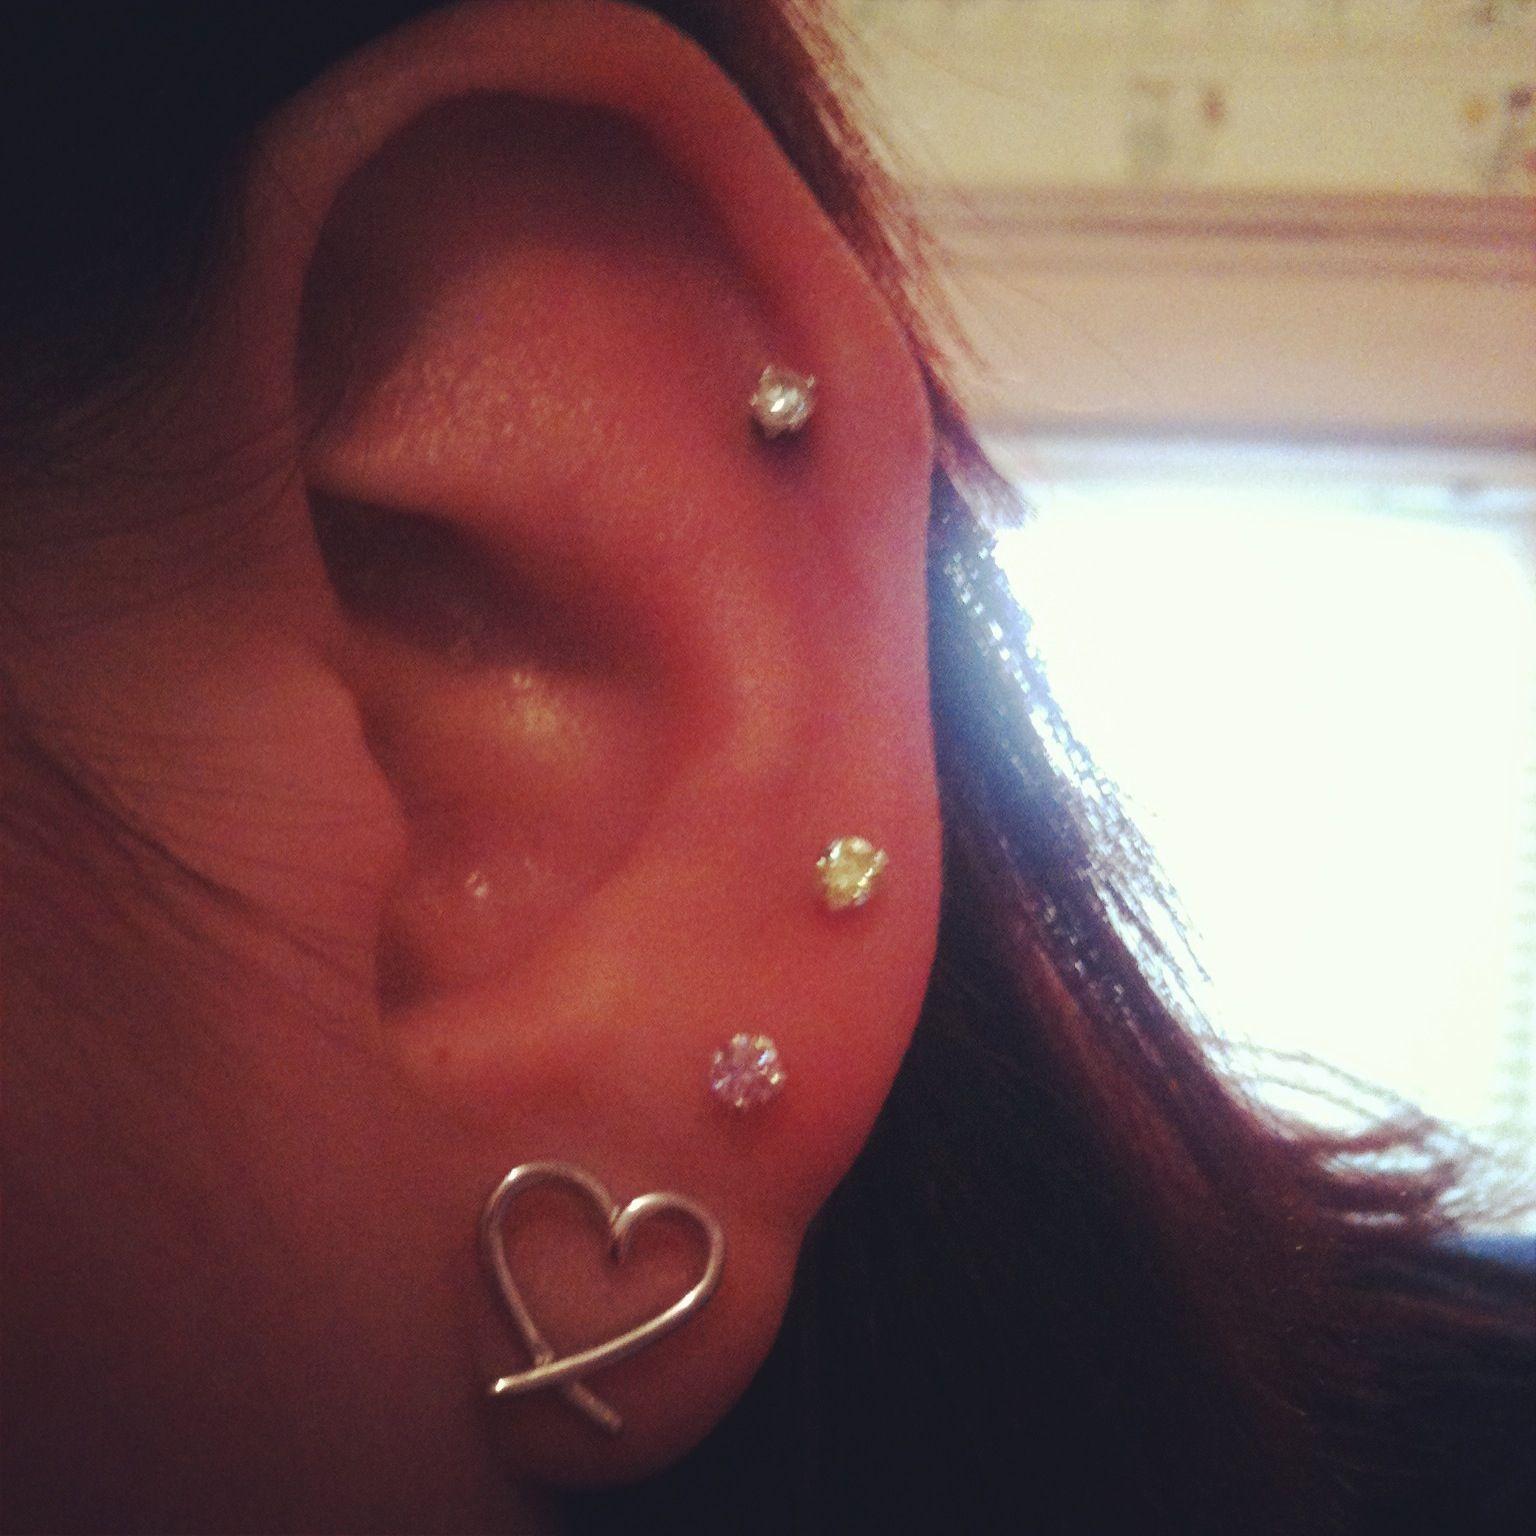 Pretty piercing ideas  My ear piercings   piercings etc  Pinterest  Ear piercings